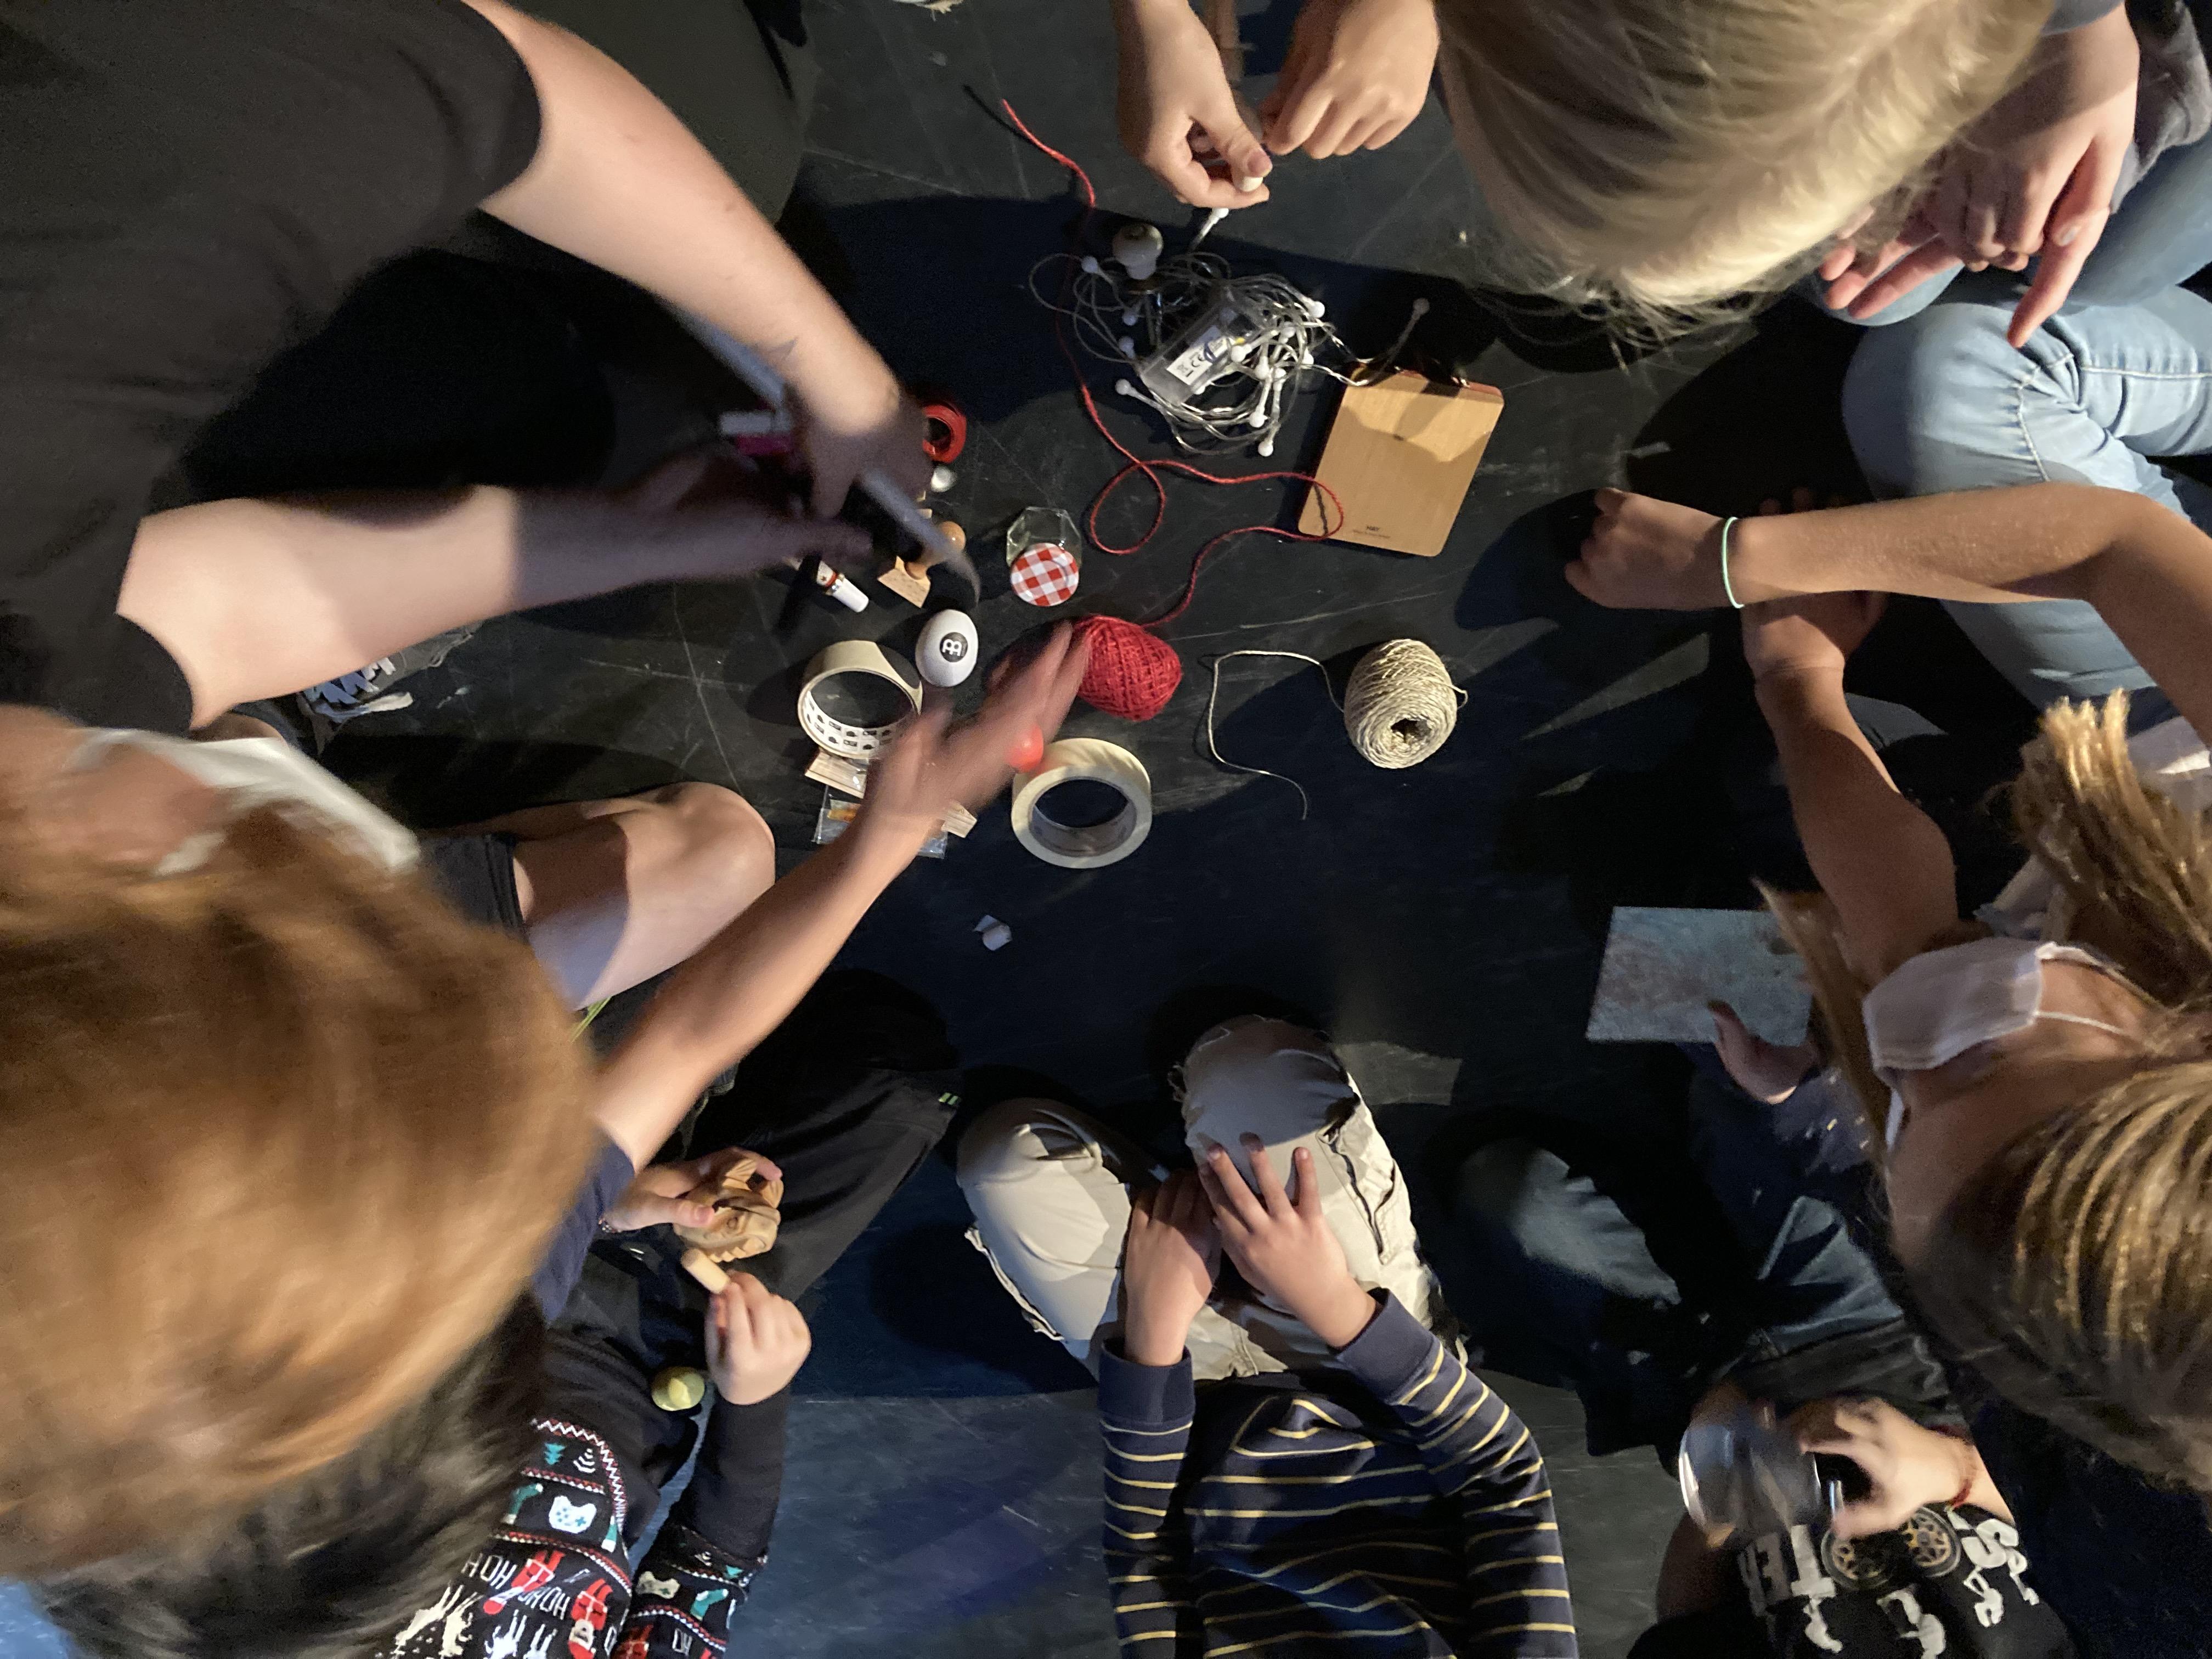 mehrere Kinder sitzen um einen Kreis von kleinen Lieblingsdingen, wie bspw. einer Schachtel, einer Rolle roten Fadens, kleinen Steinen, einem Stift. Sie bringen die Dinge ob ihres Aussehens oder ihrer Funktion in eine Reihenfolge als kreisförmige Schnecke